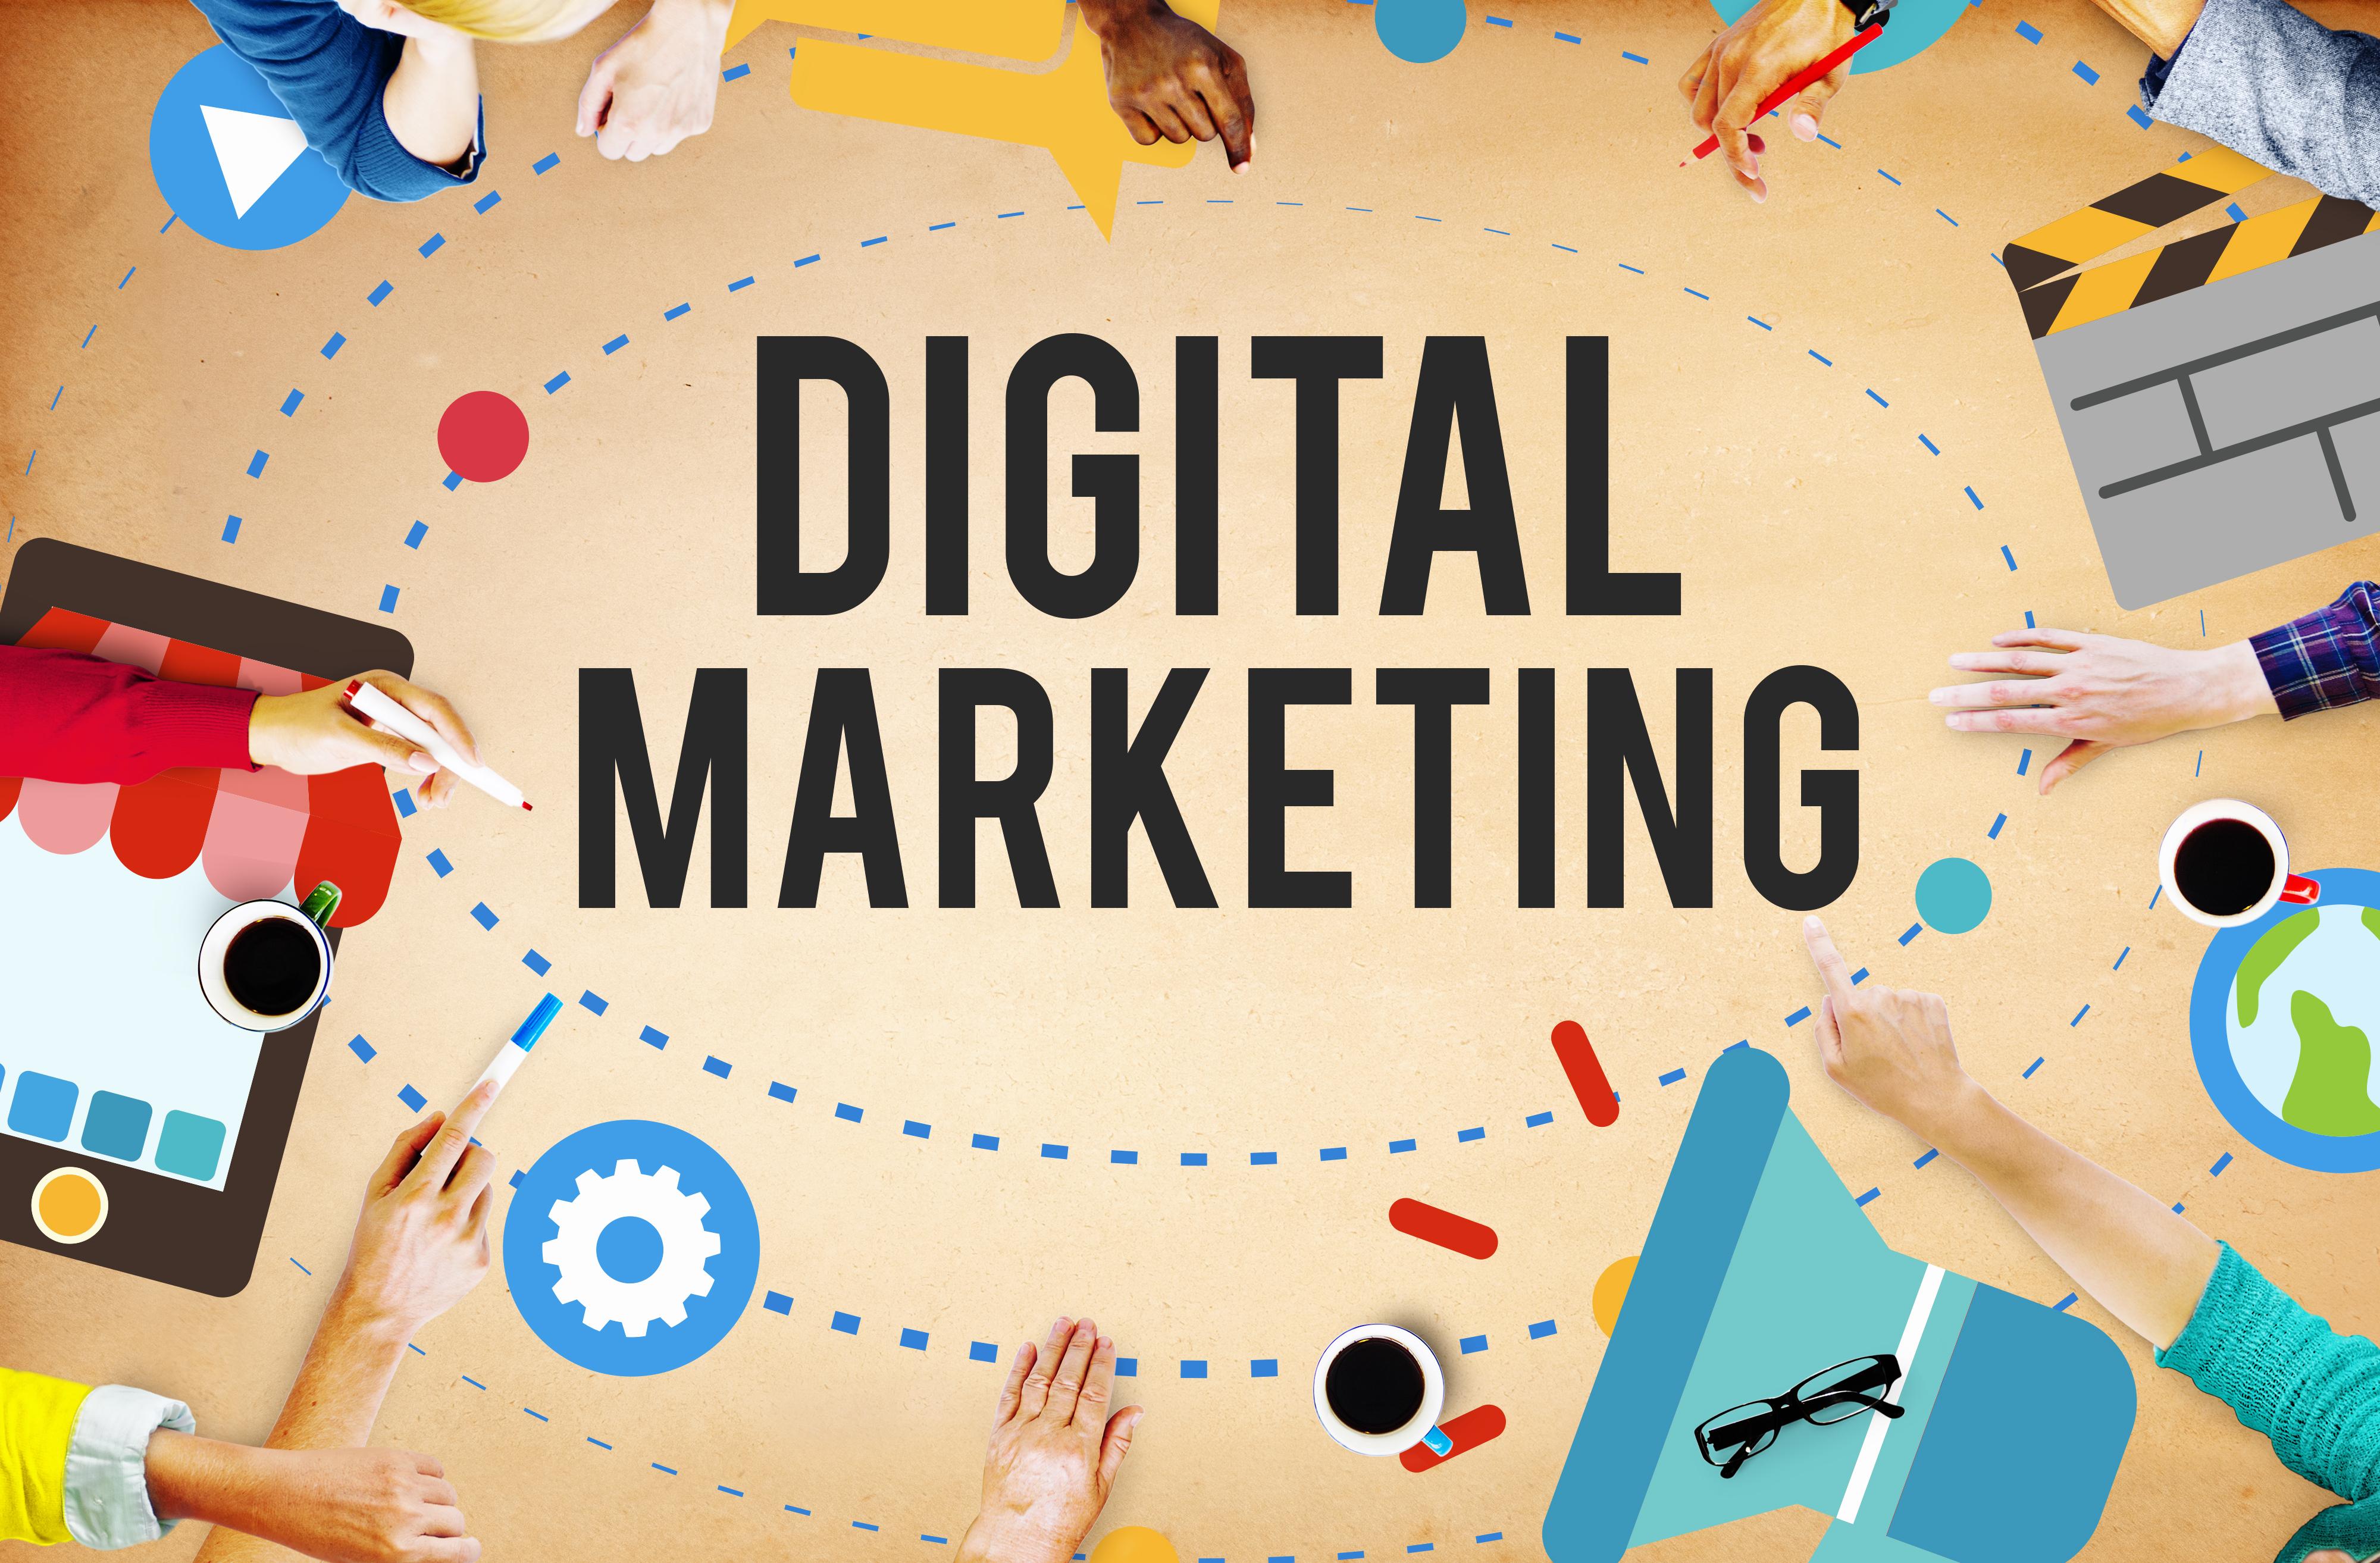 Beeseo là đơn vị hàng đầu trong việc cung cấp các giải pháp Digital Marketing